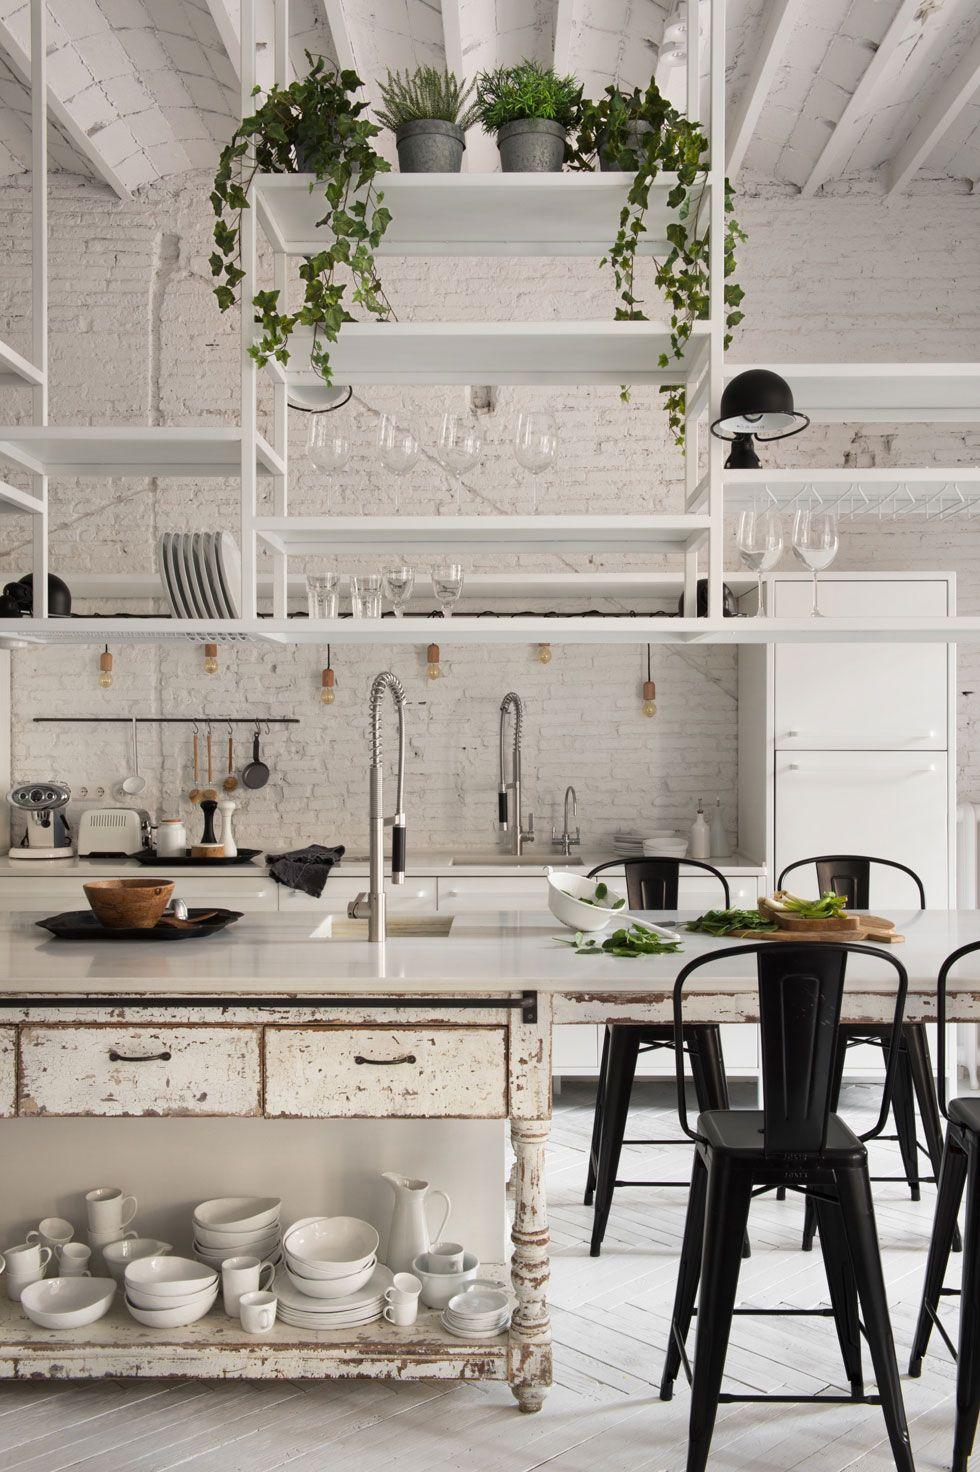 All White Barcelona Loft Cucine Rustiche Interni Della Cucina Progetti Di Cucine